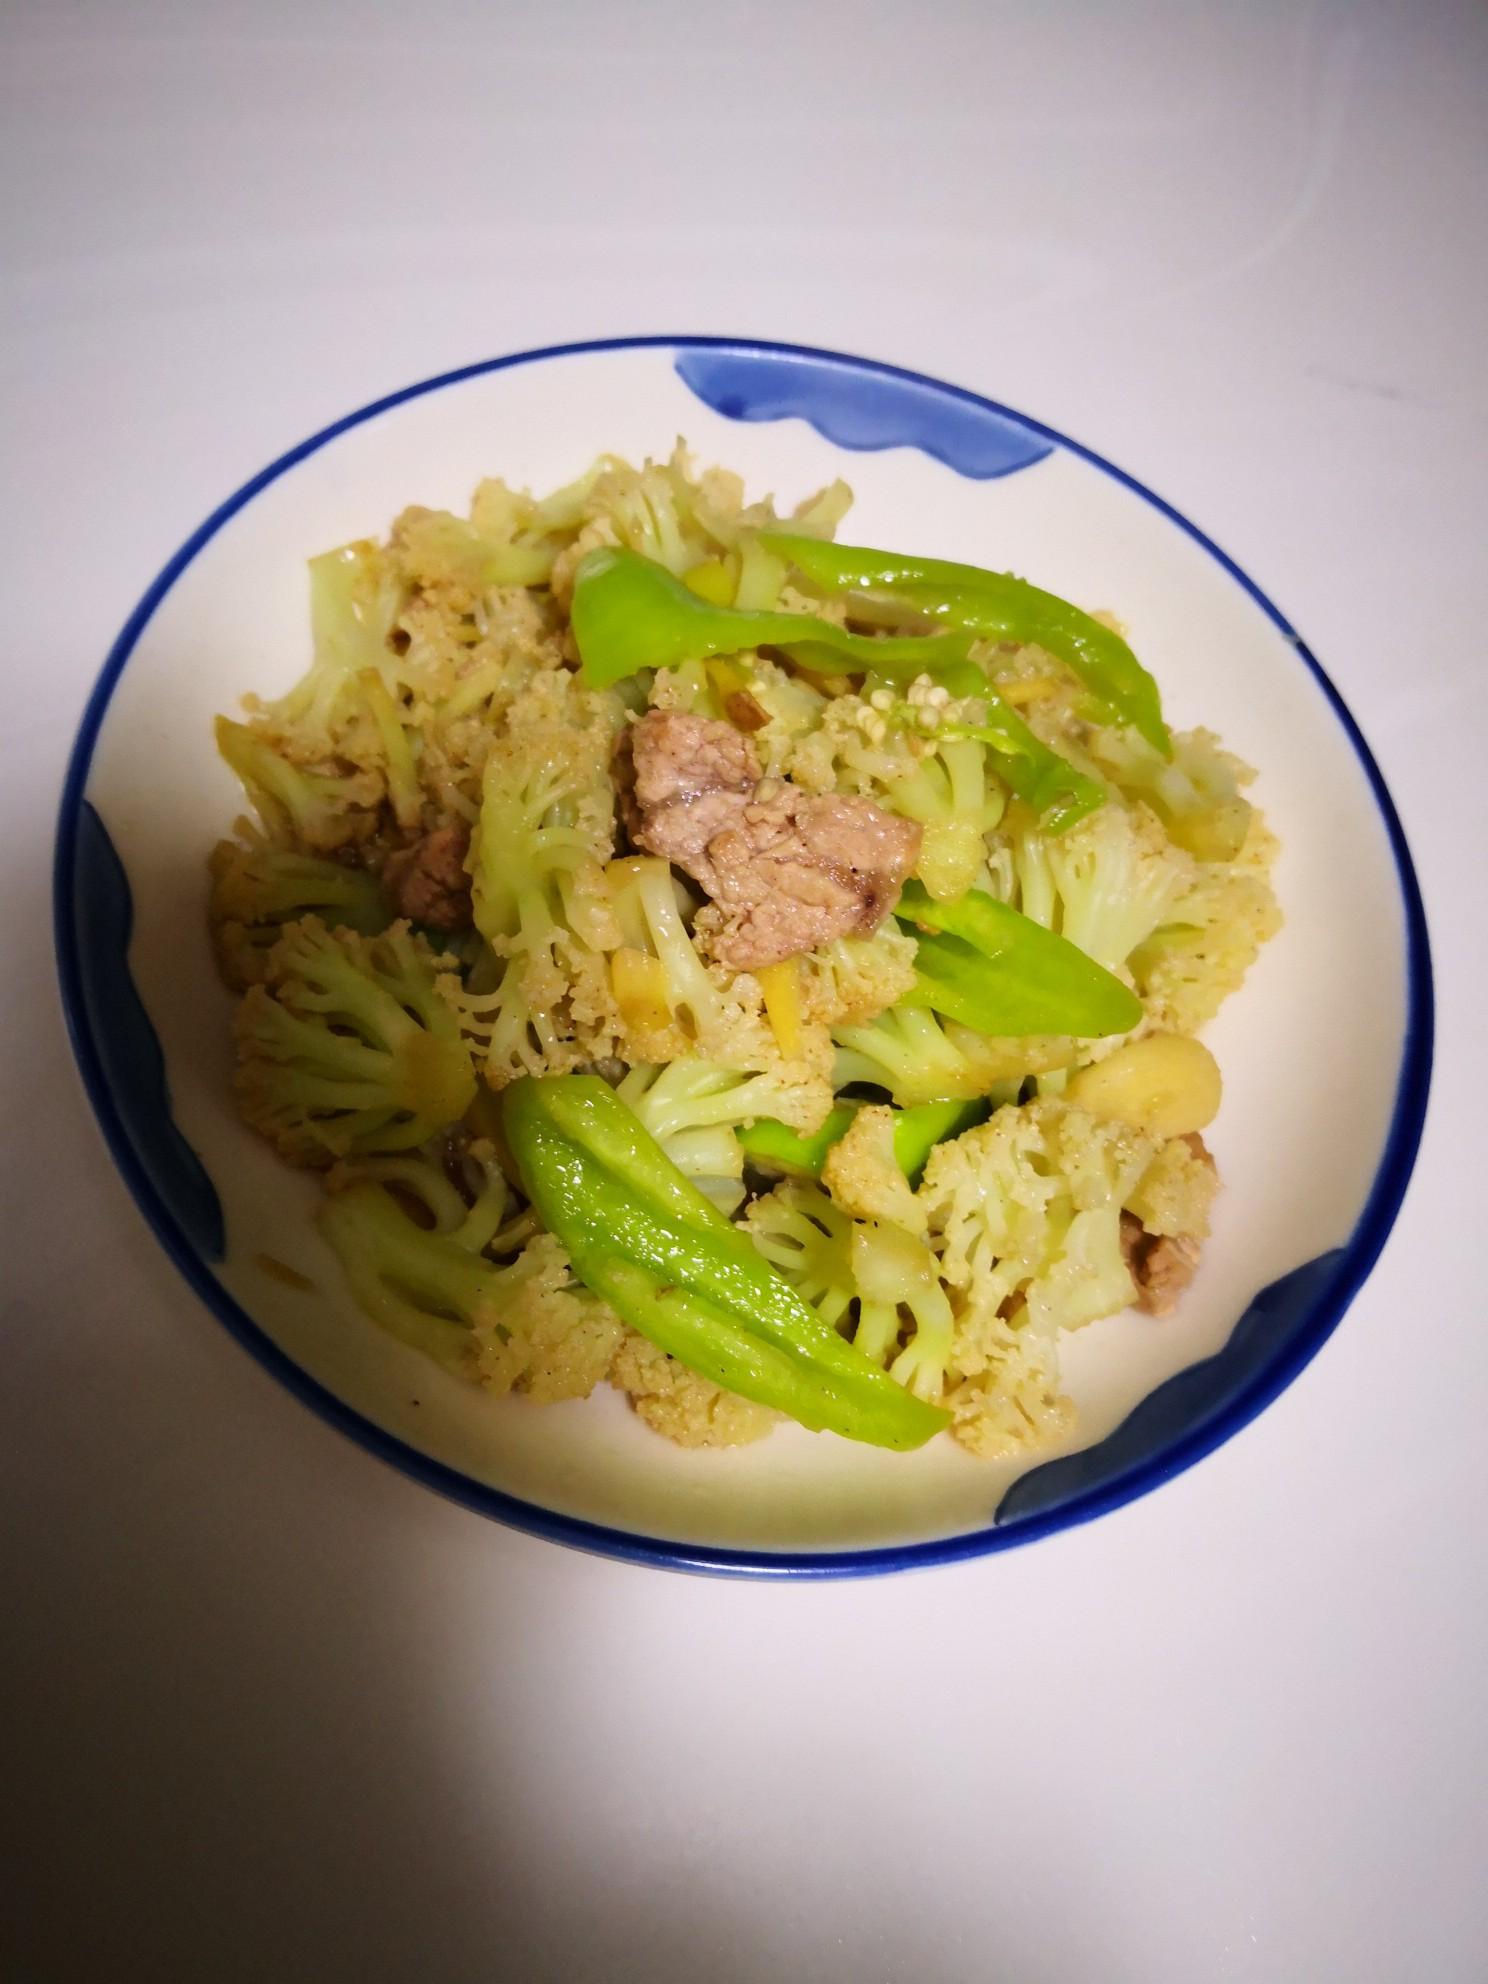 尖椒炒菜花怎么煮